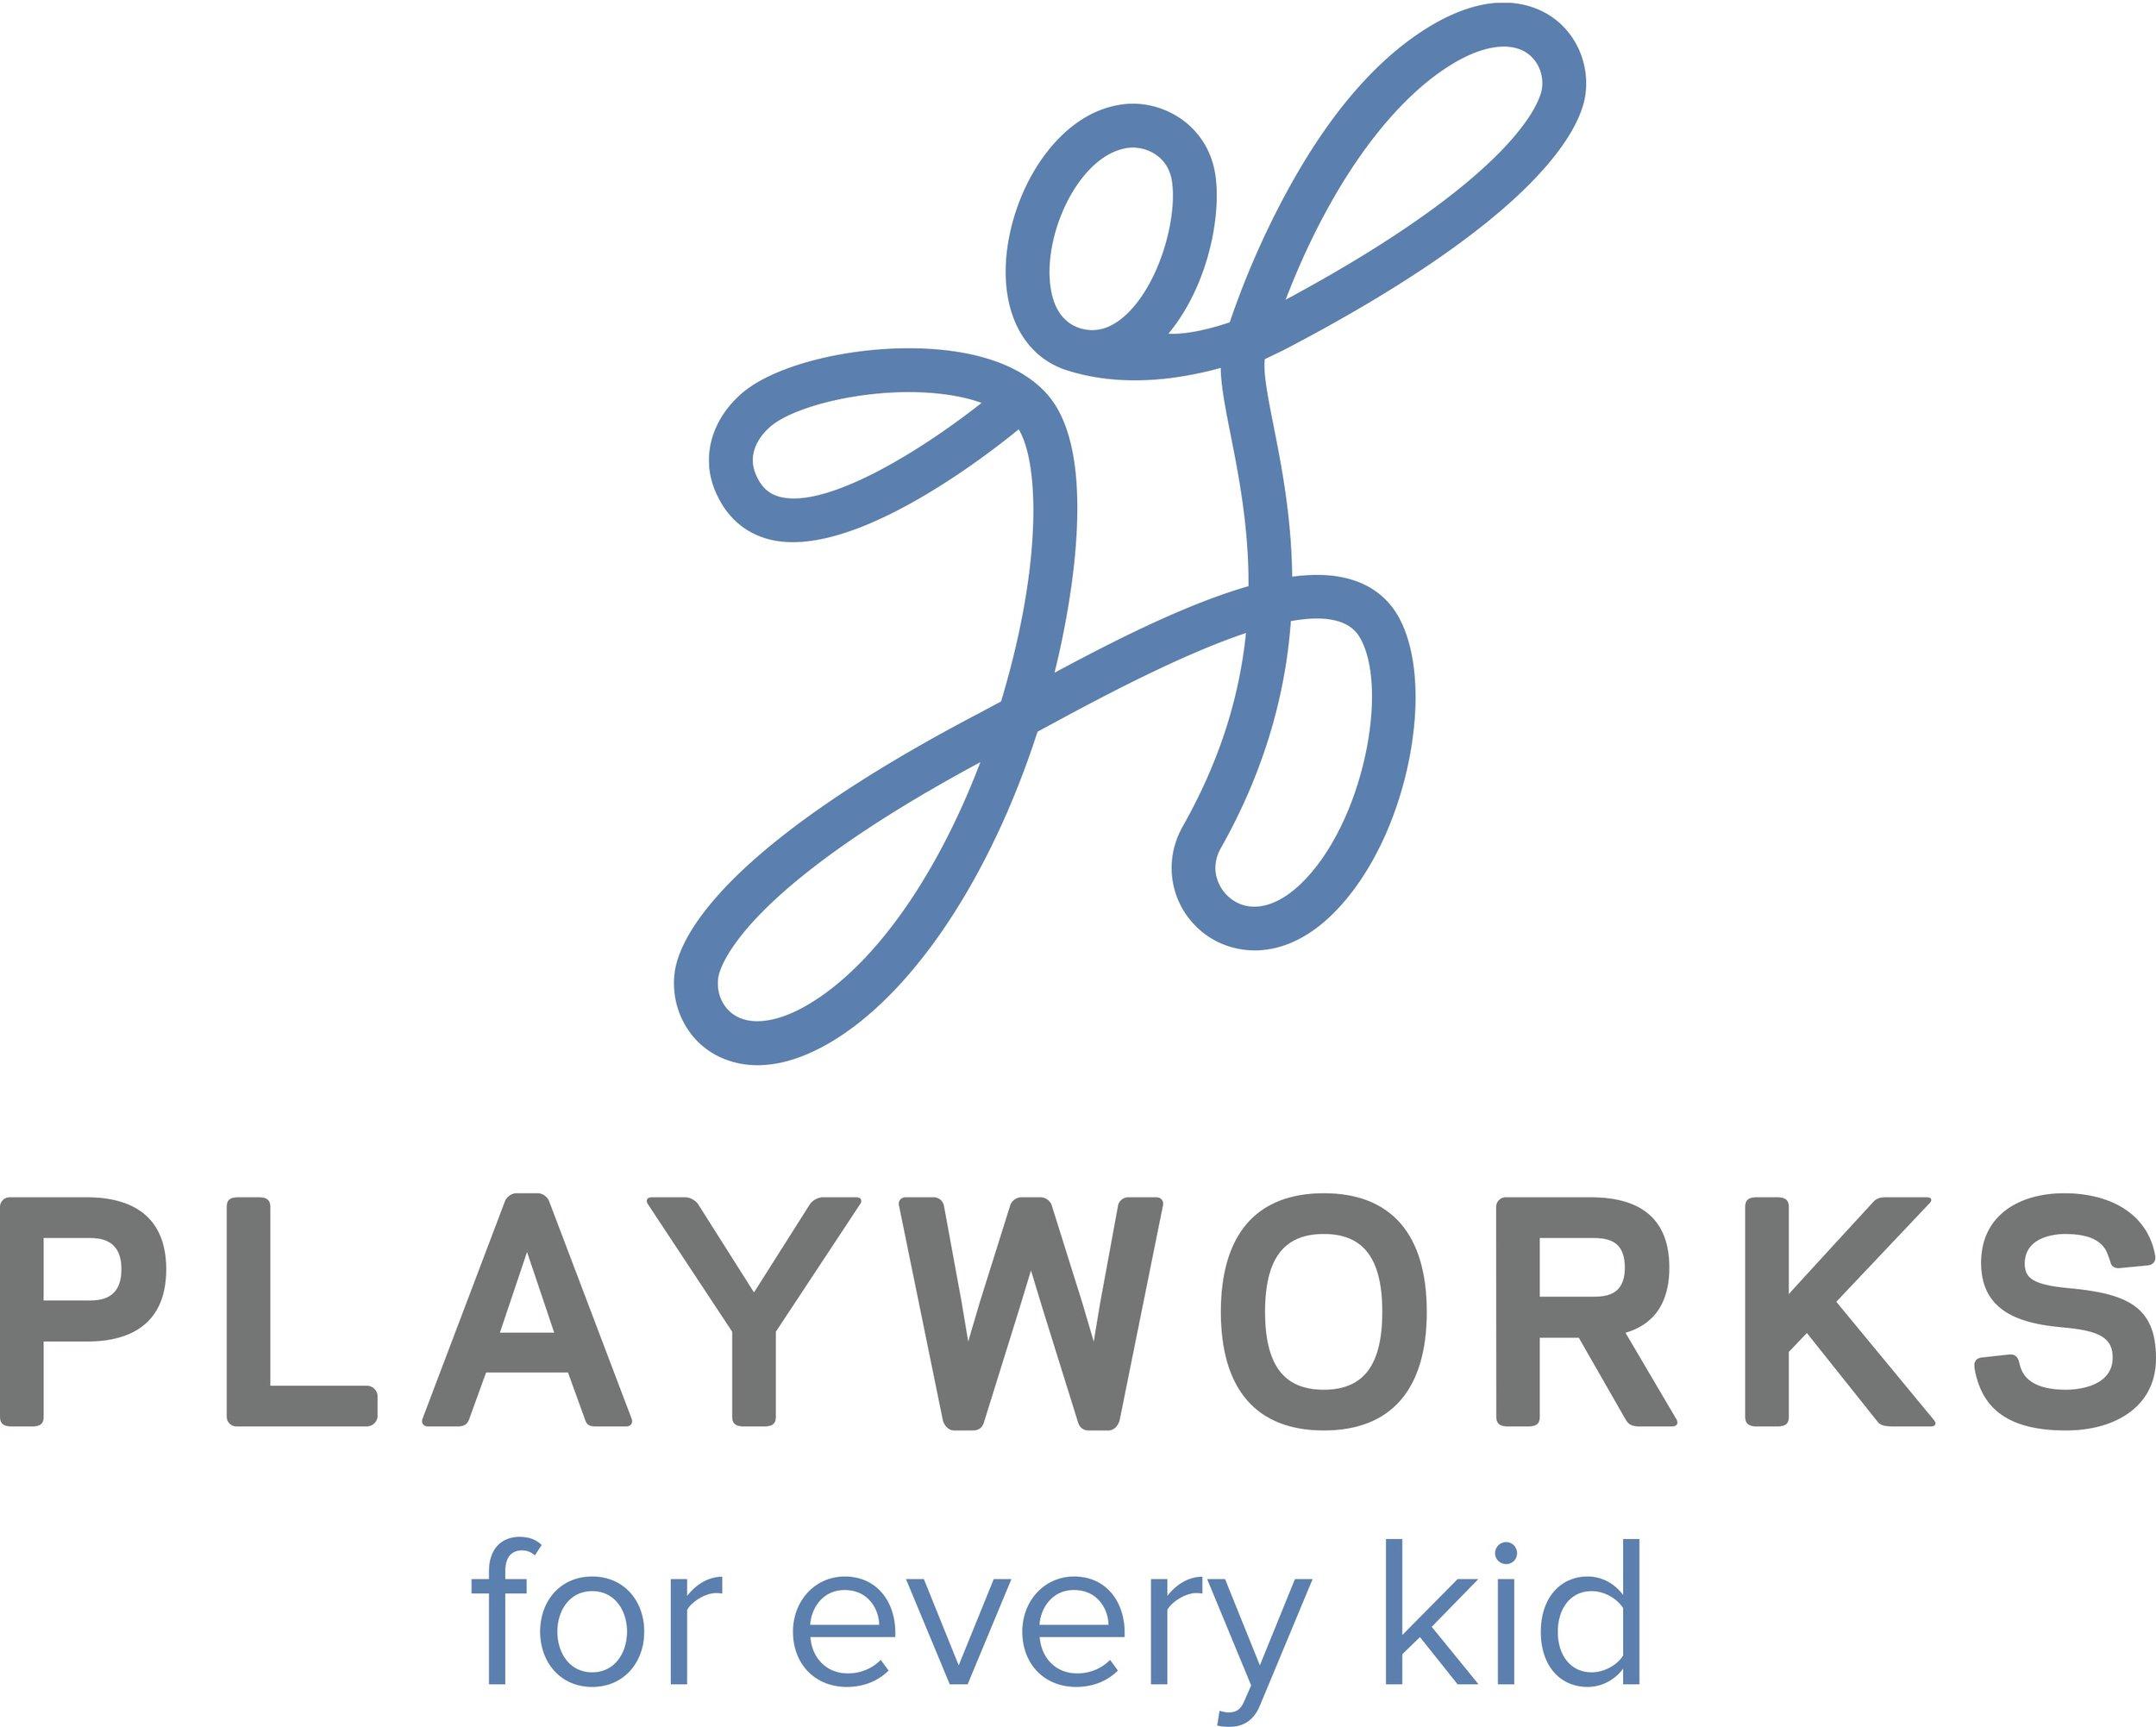 Playworks-Logo_ForEveryKid.jpg